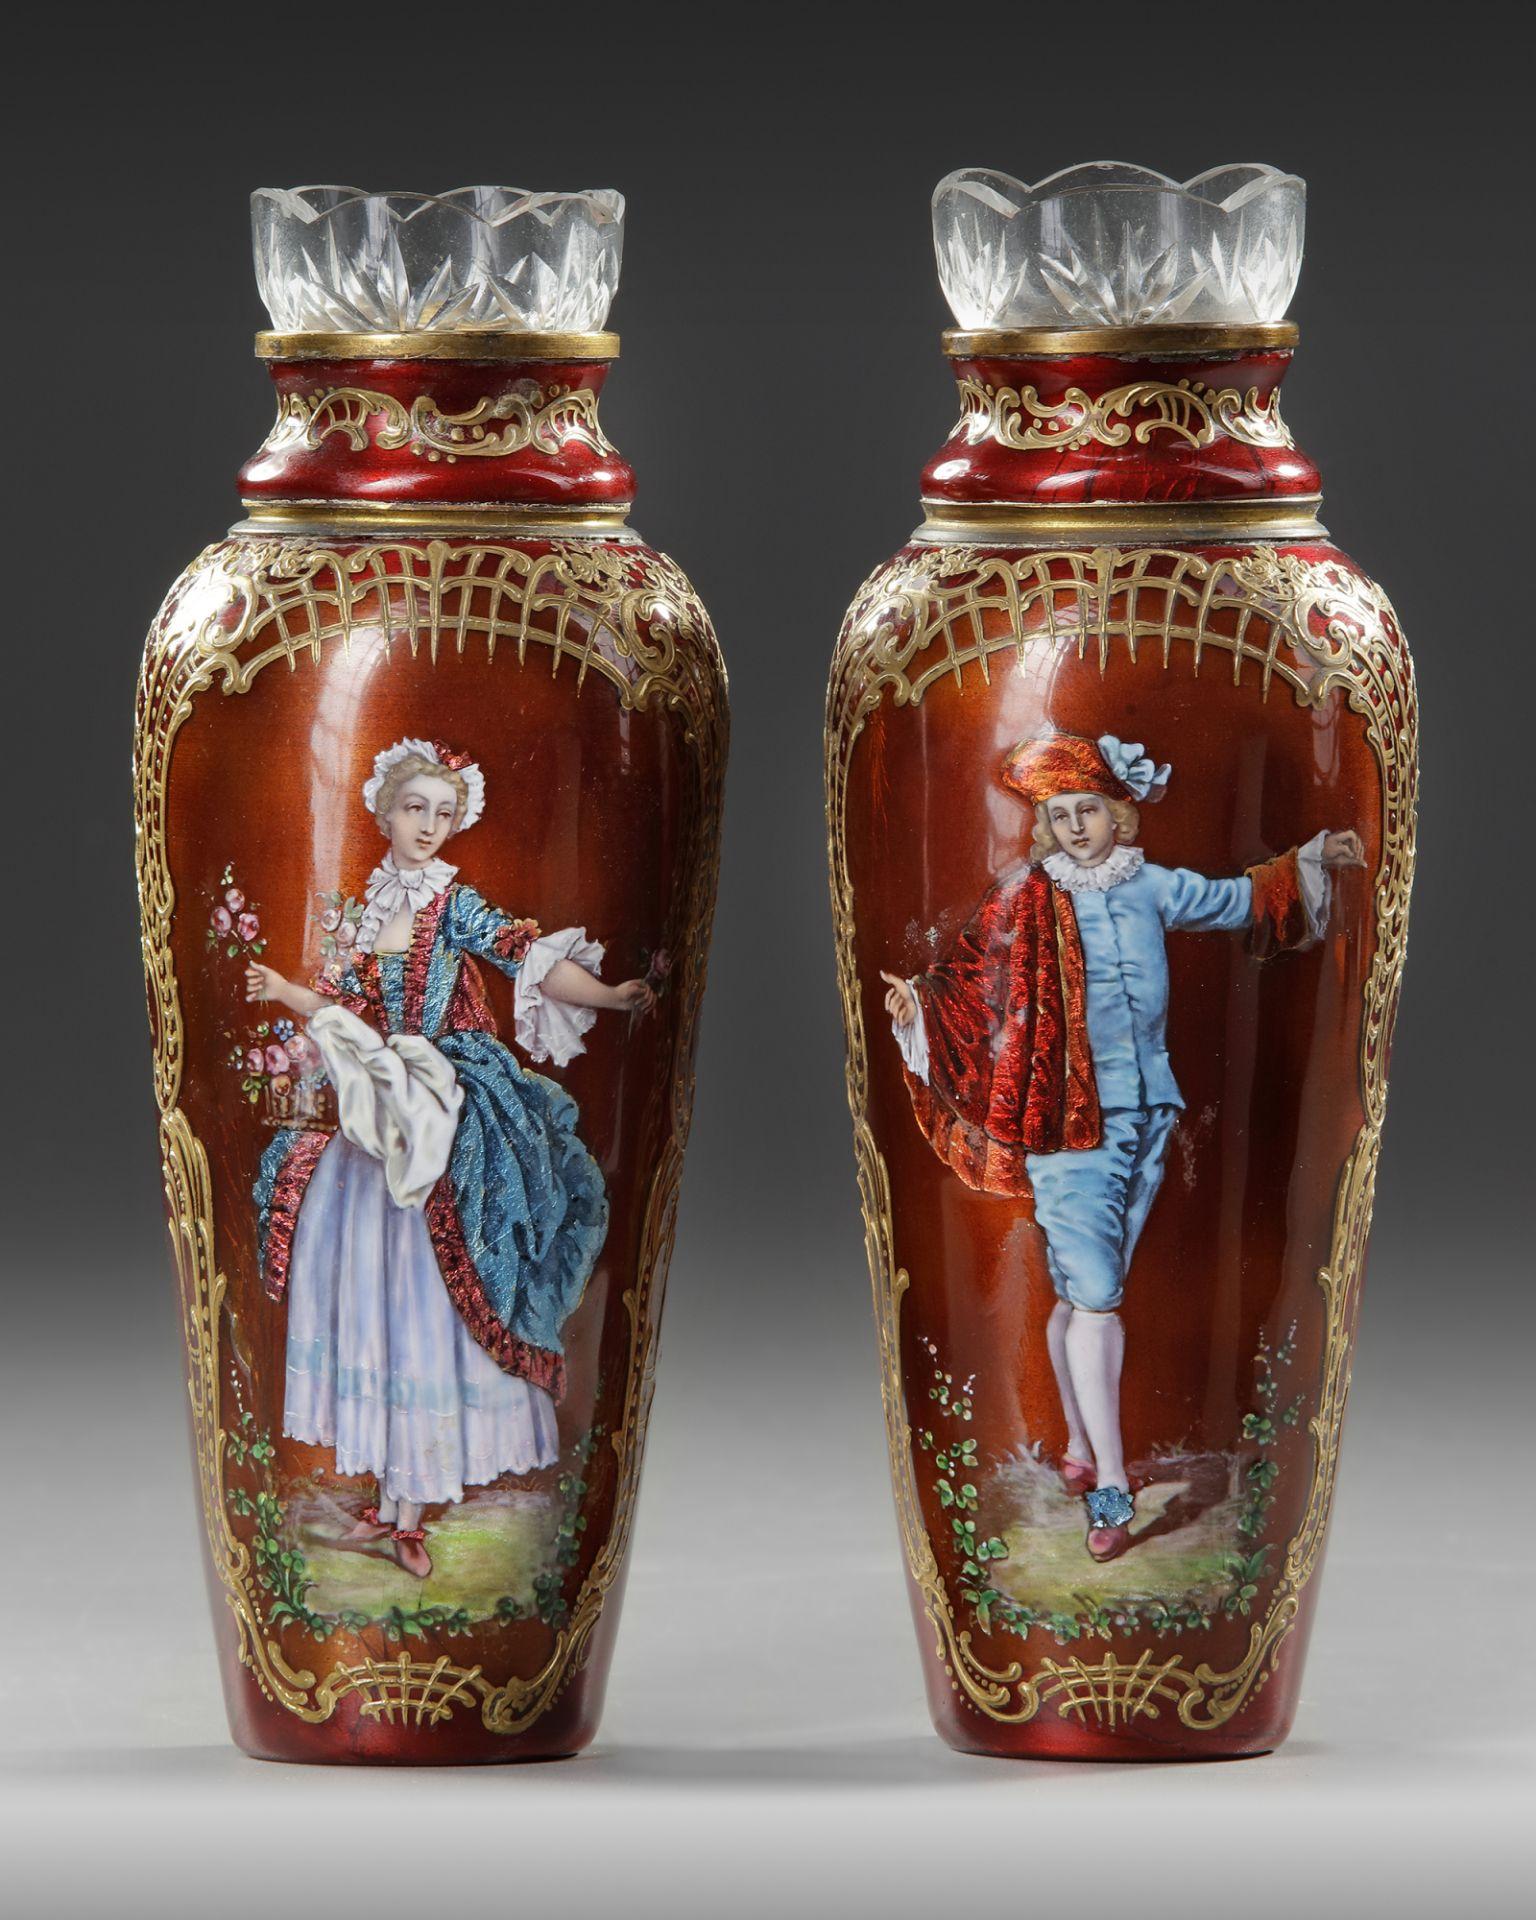 A PAIR OF RED ENAMEL VASES, AUSTRIA, 19TH CENTURY